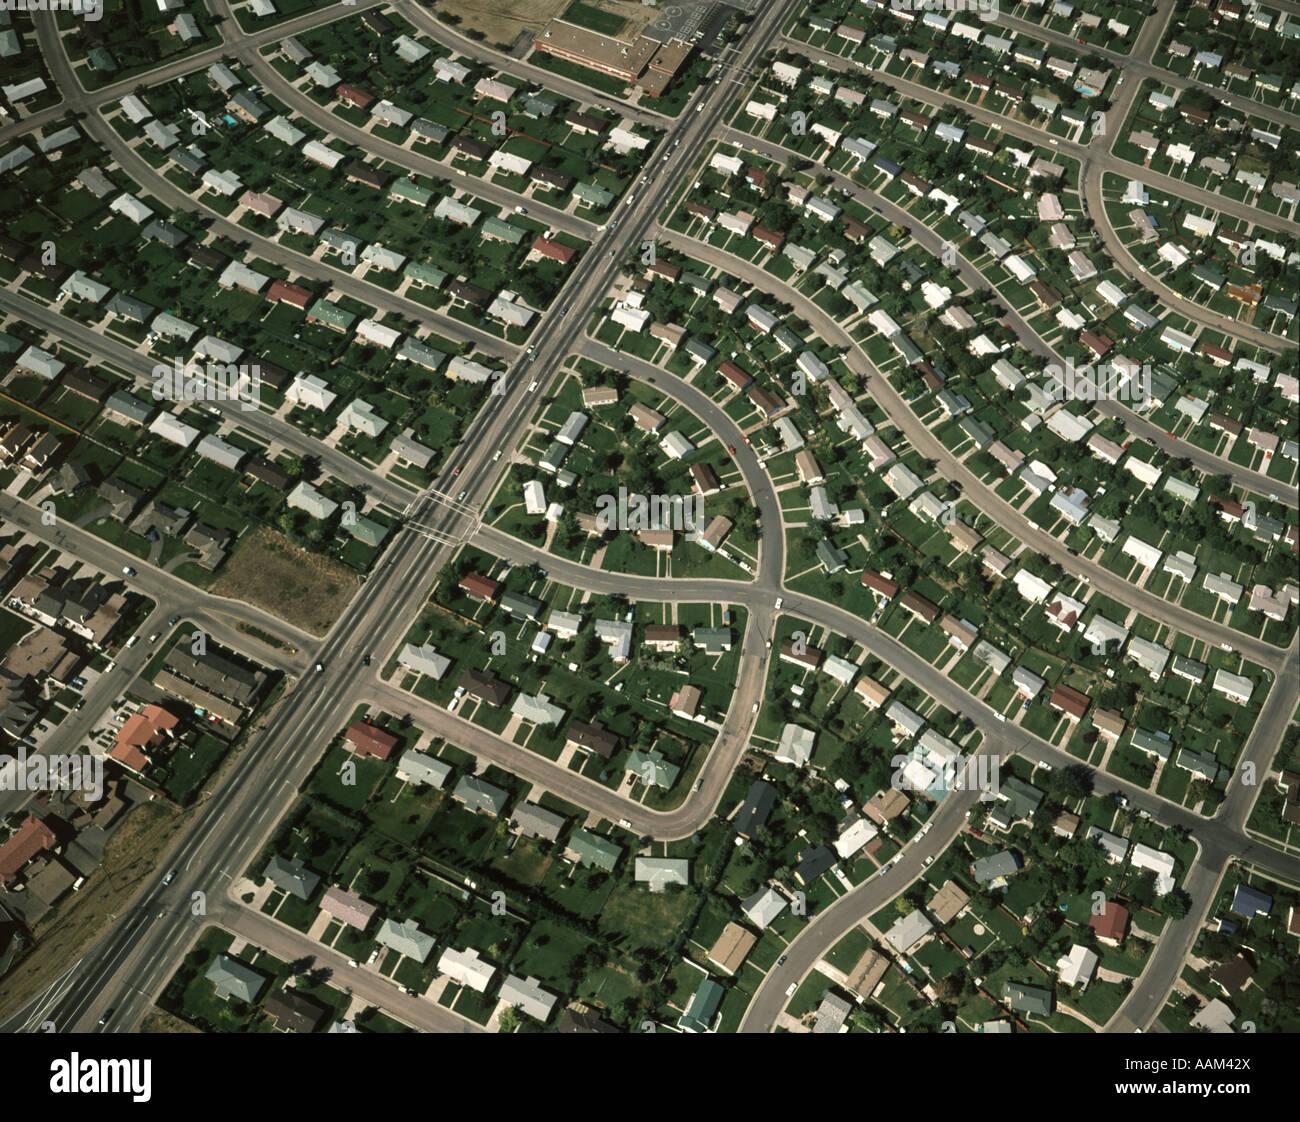 1980 Vue aérienne de développement suburbain de rues et maisons Photo Stock